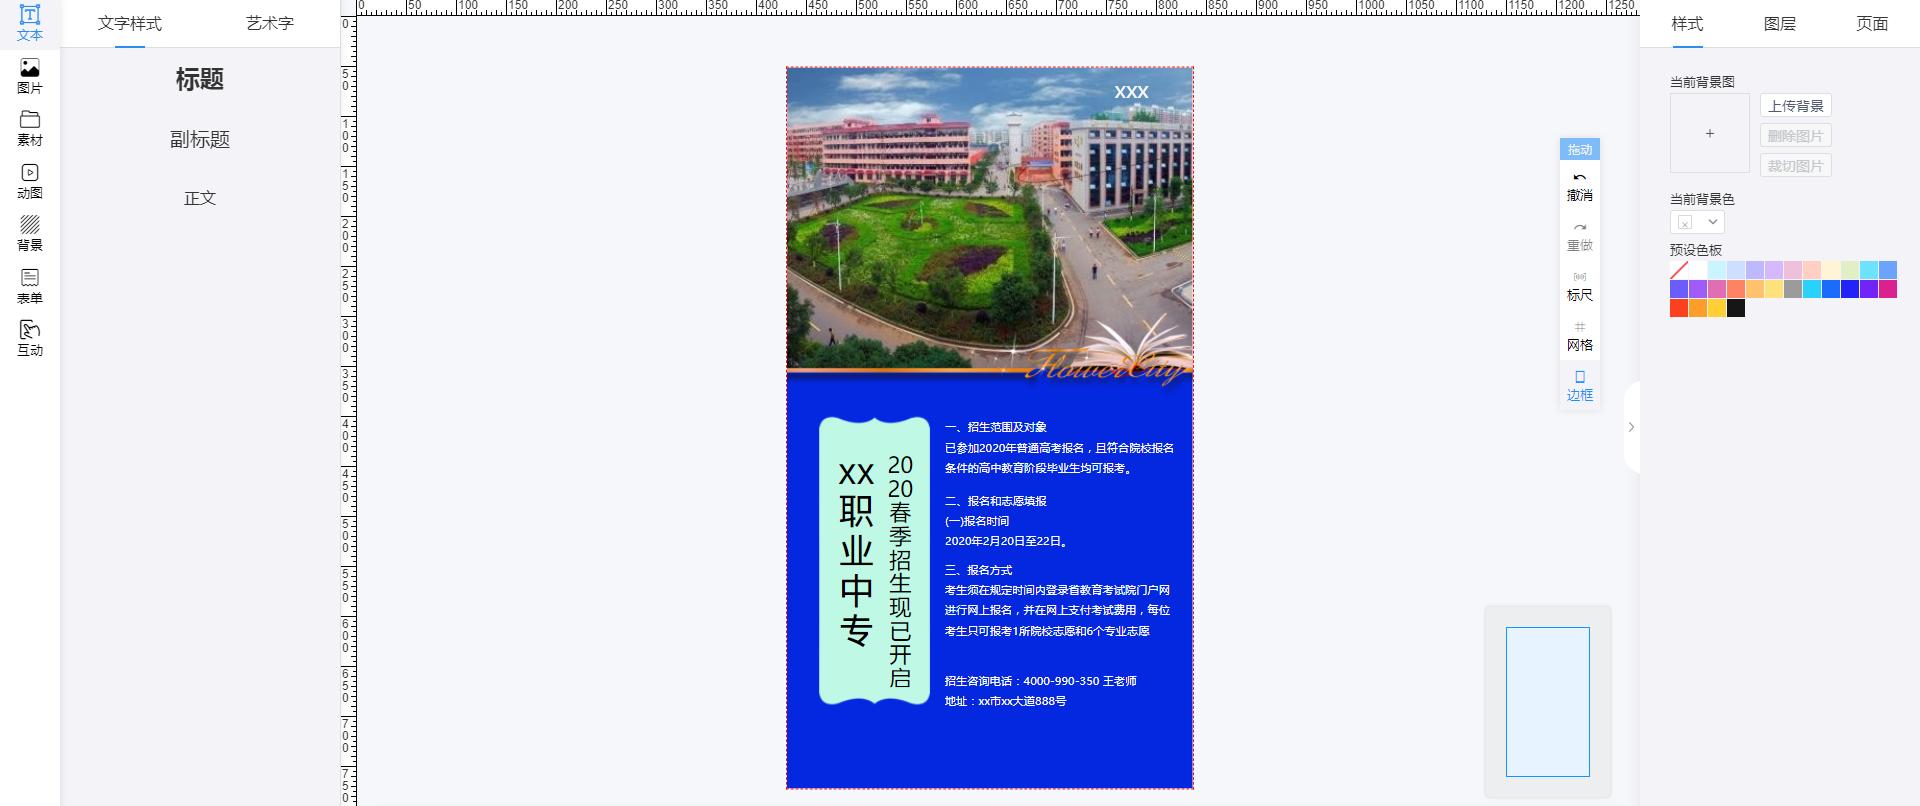 职业学校招生宣传海报(3)